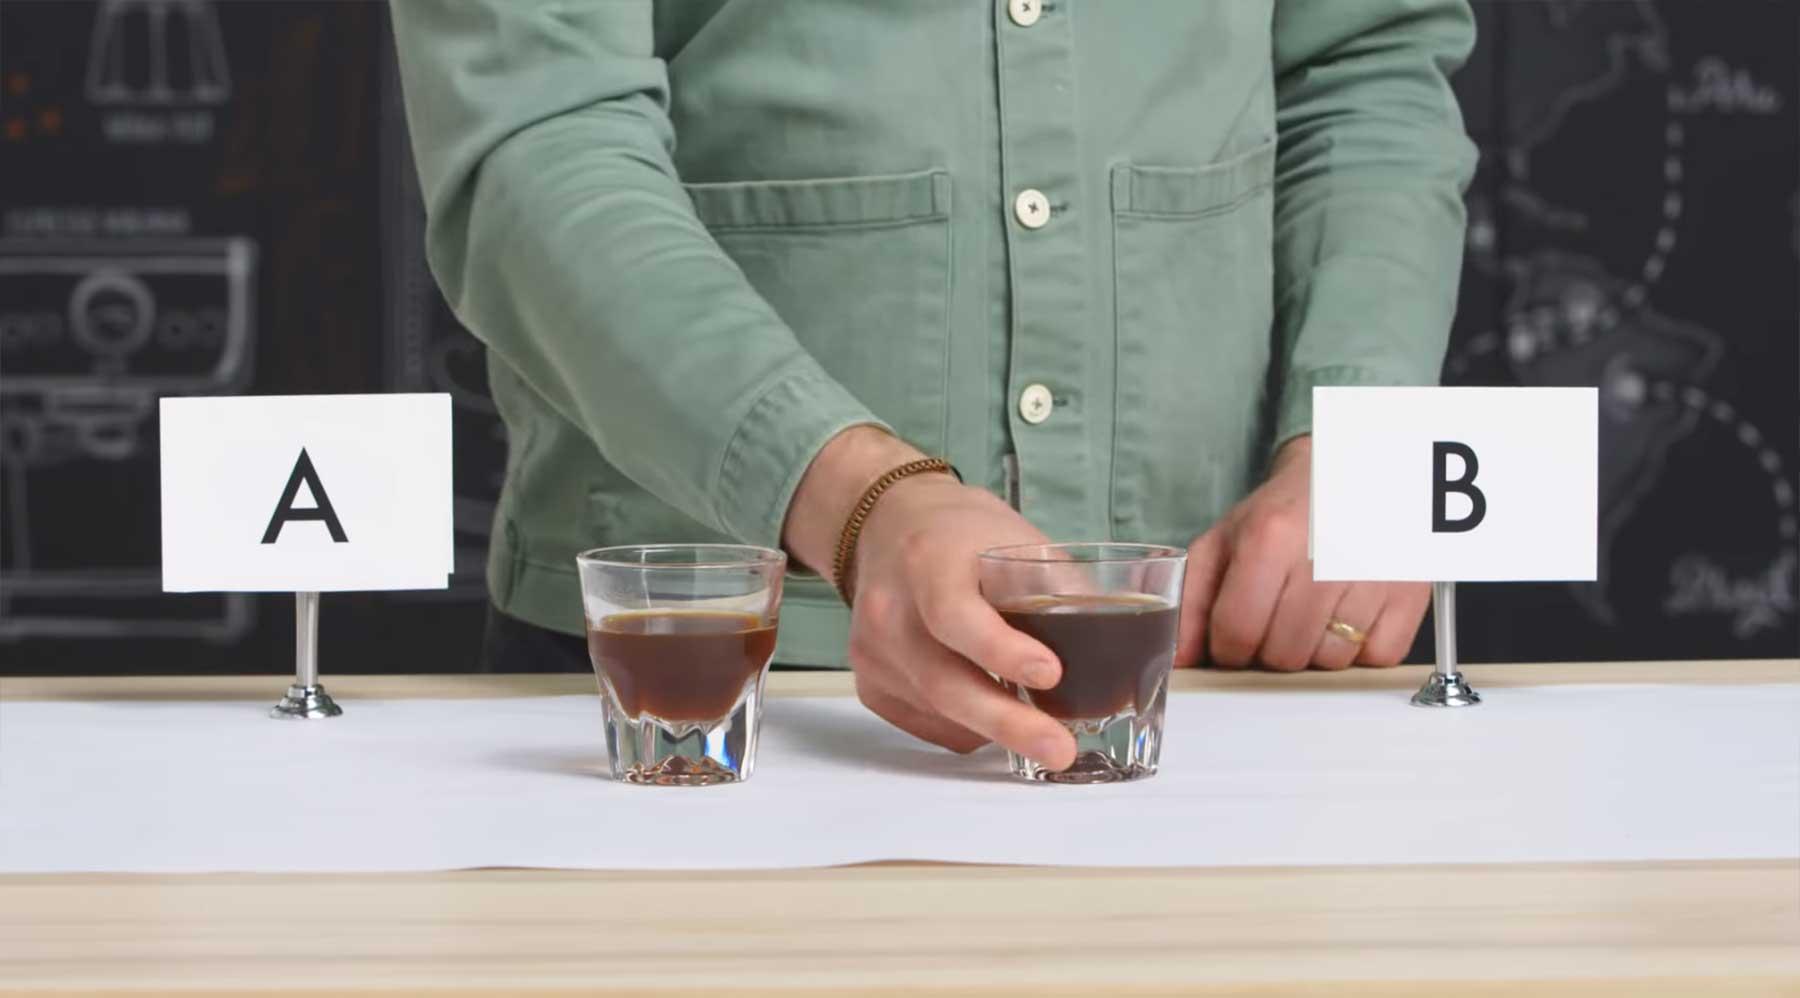 Experte erläutert, woran man guten Kaffee erkennt